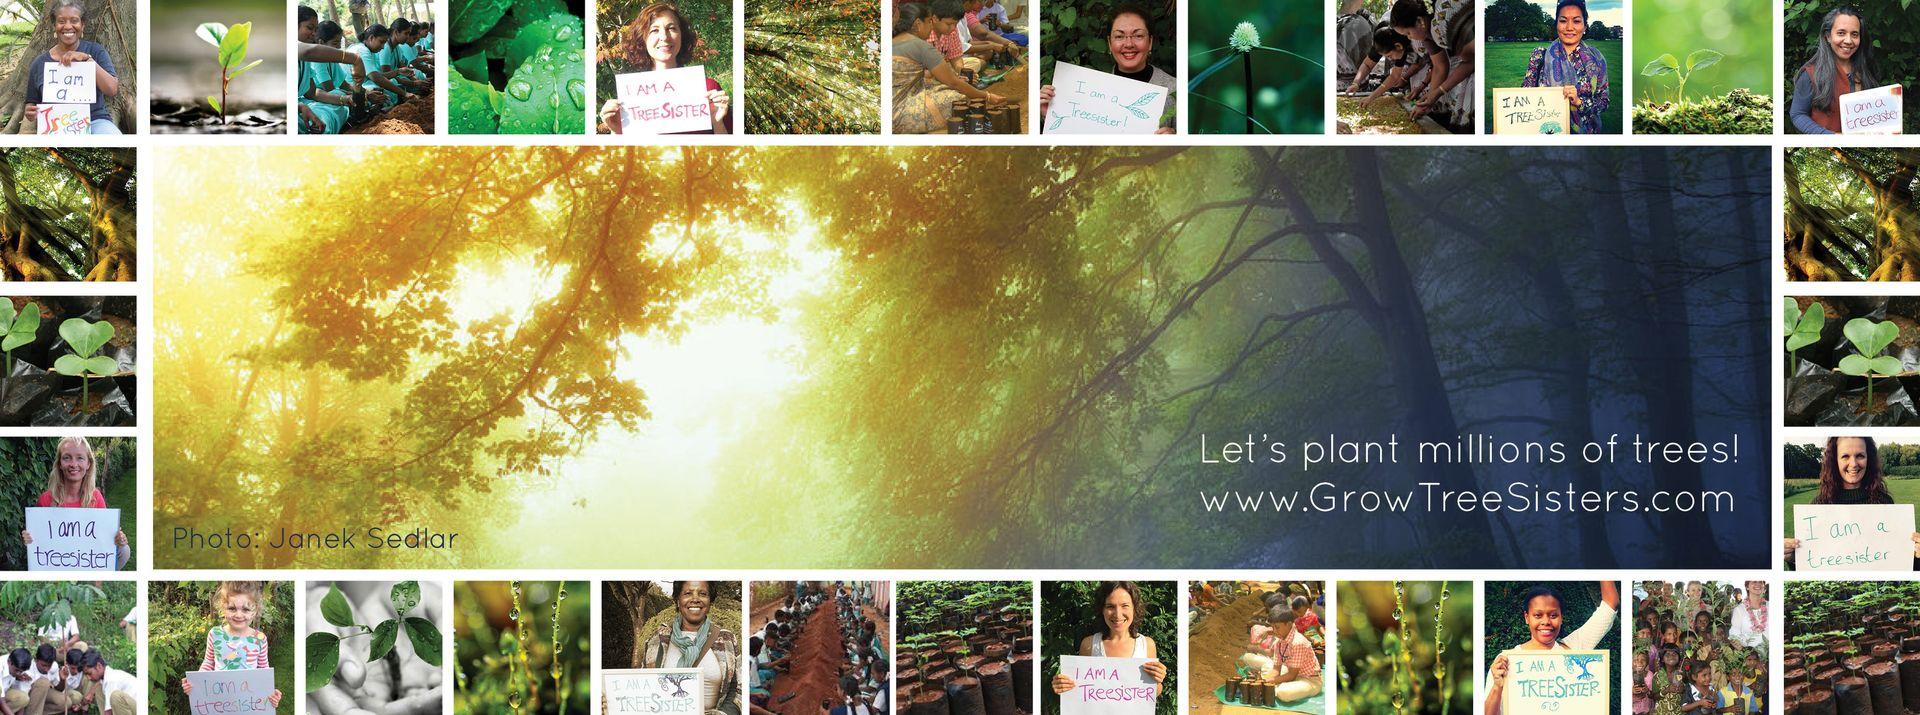 Grow TreeSisters - Facebook Header2